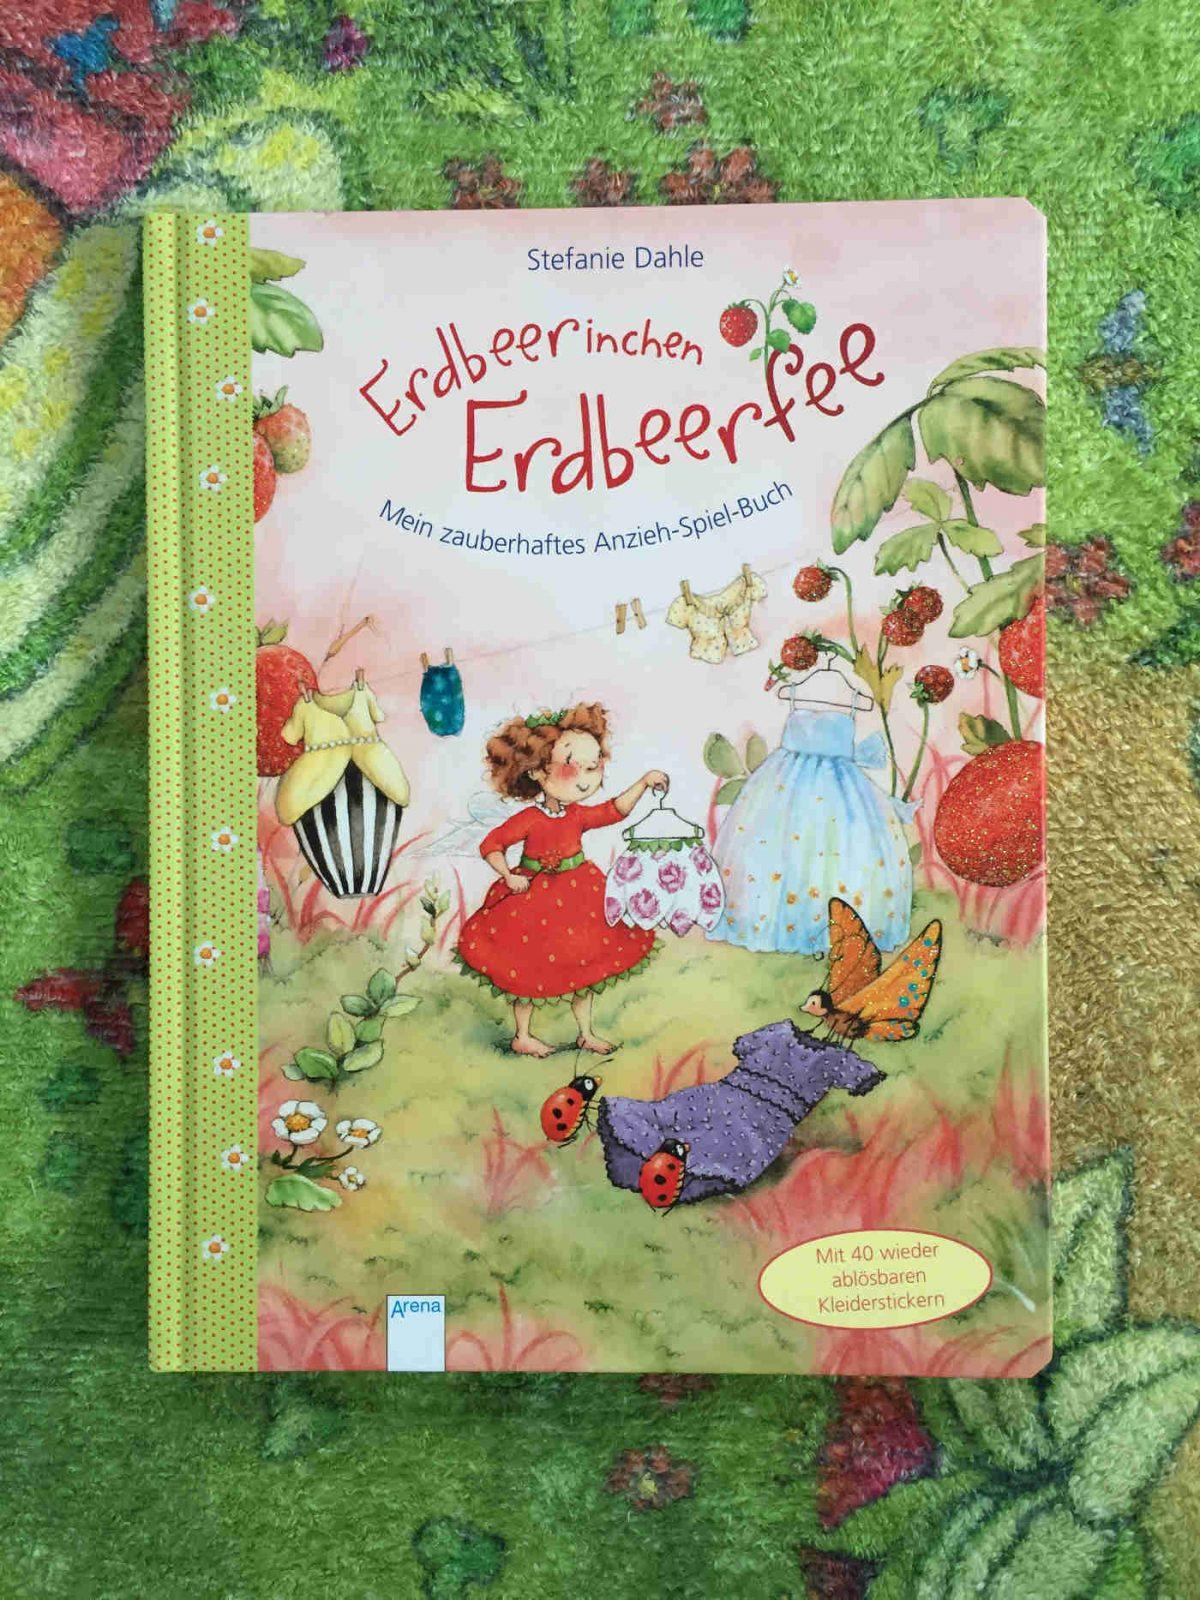 Stefanie Dahle Erdbeerinchen Erdbeerfee: Mein zauberhaftes Anzieh-Spiel-Buch